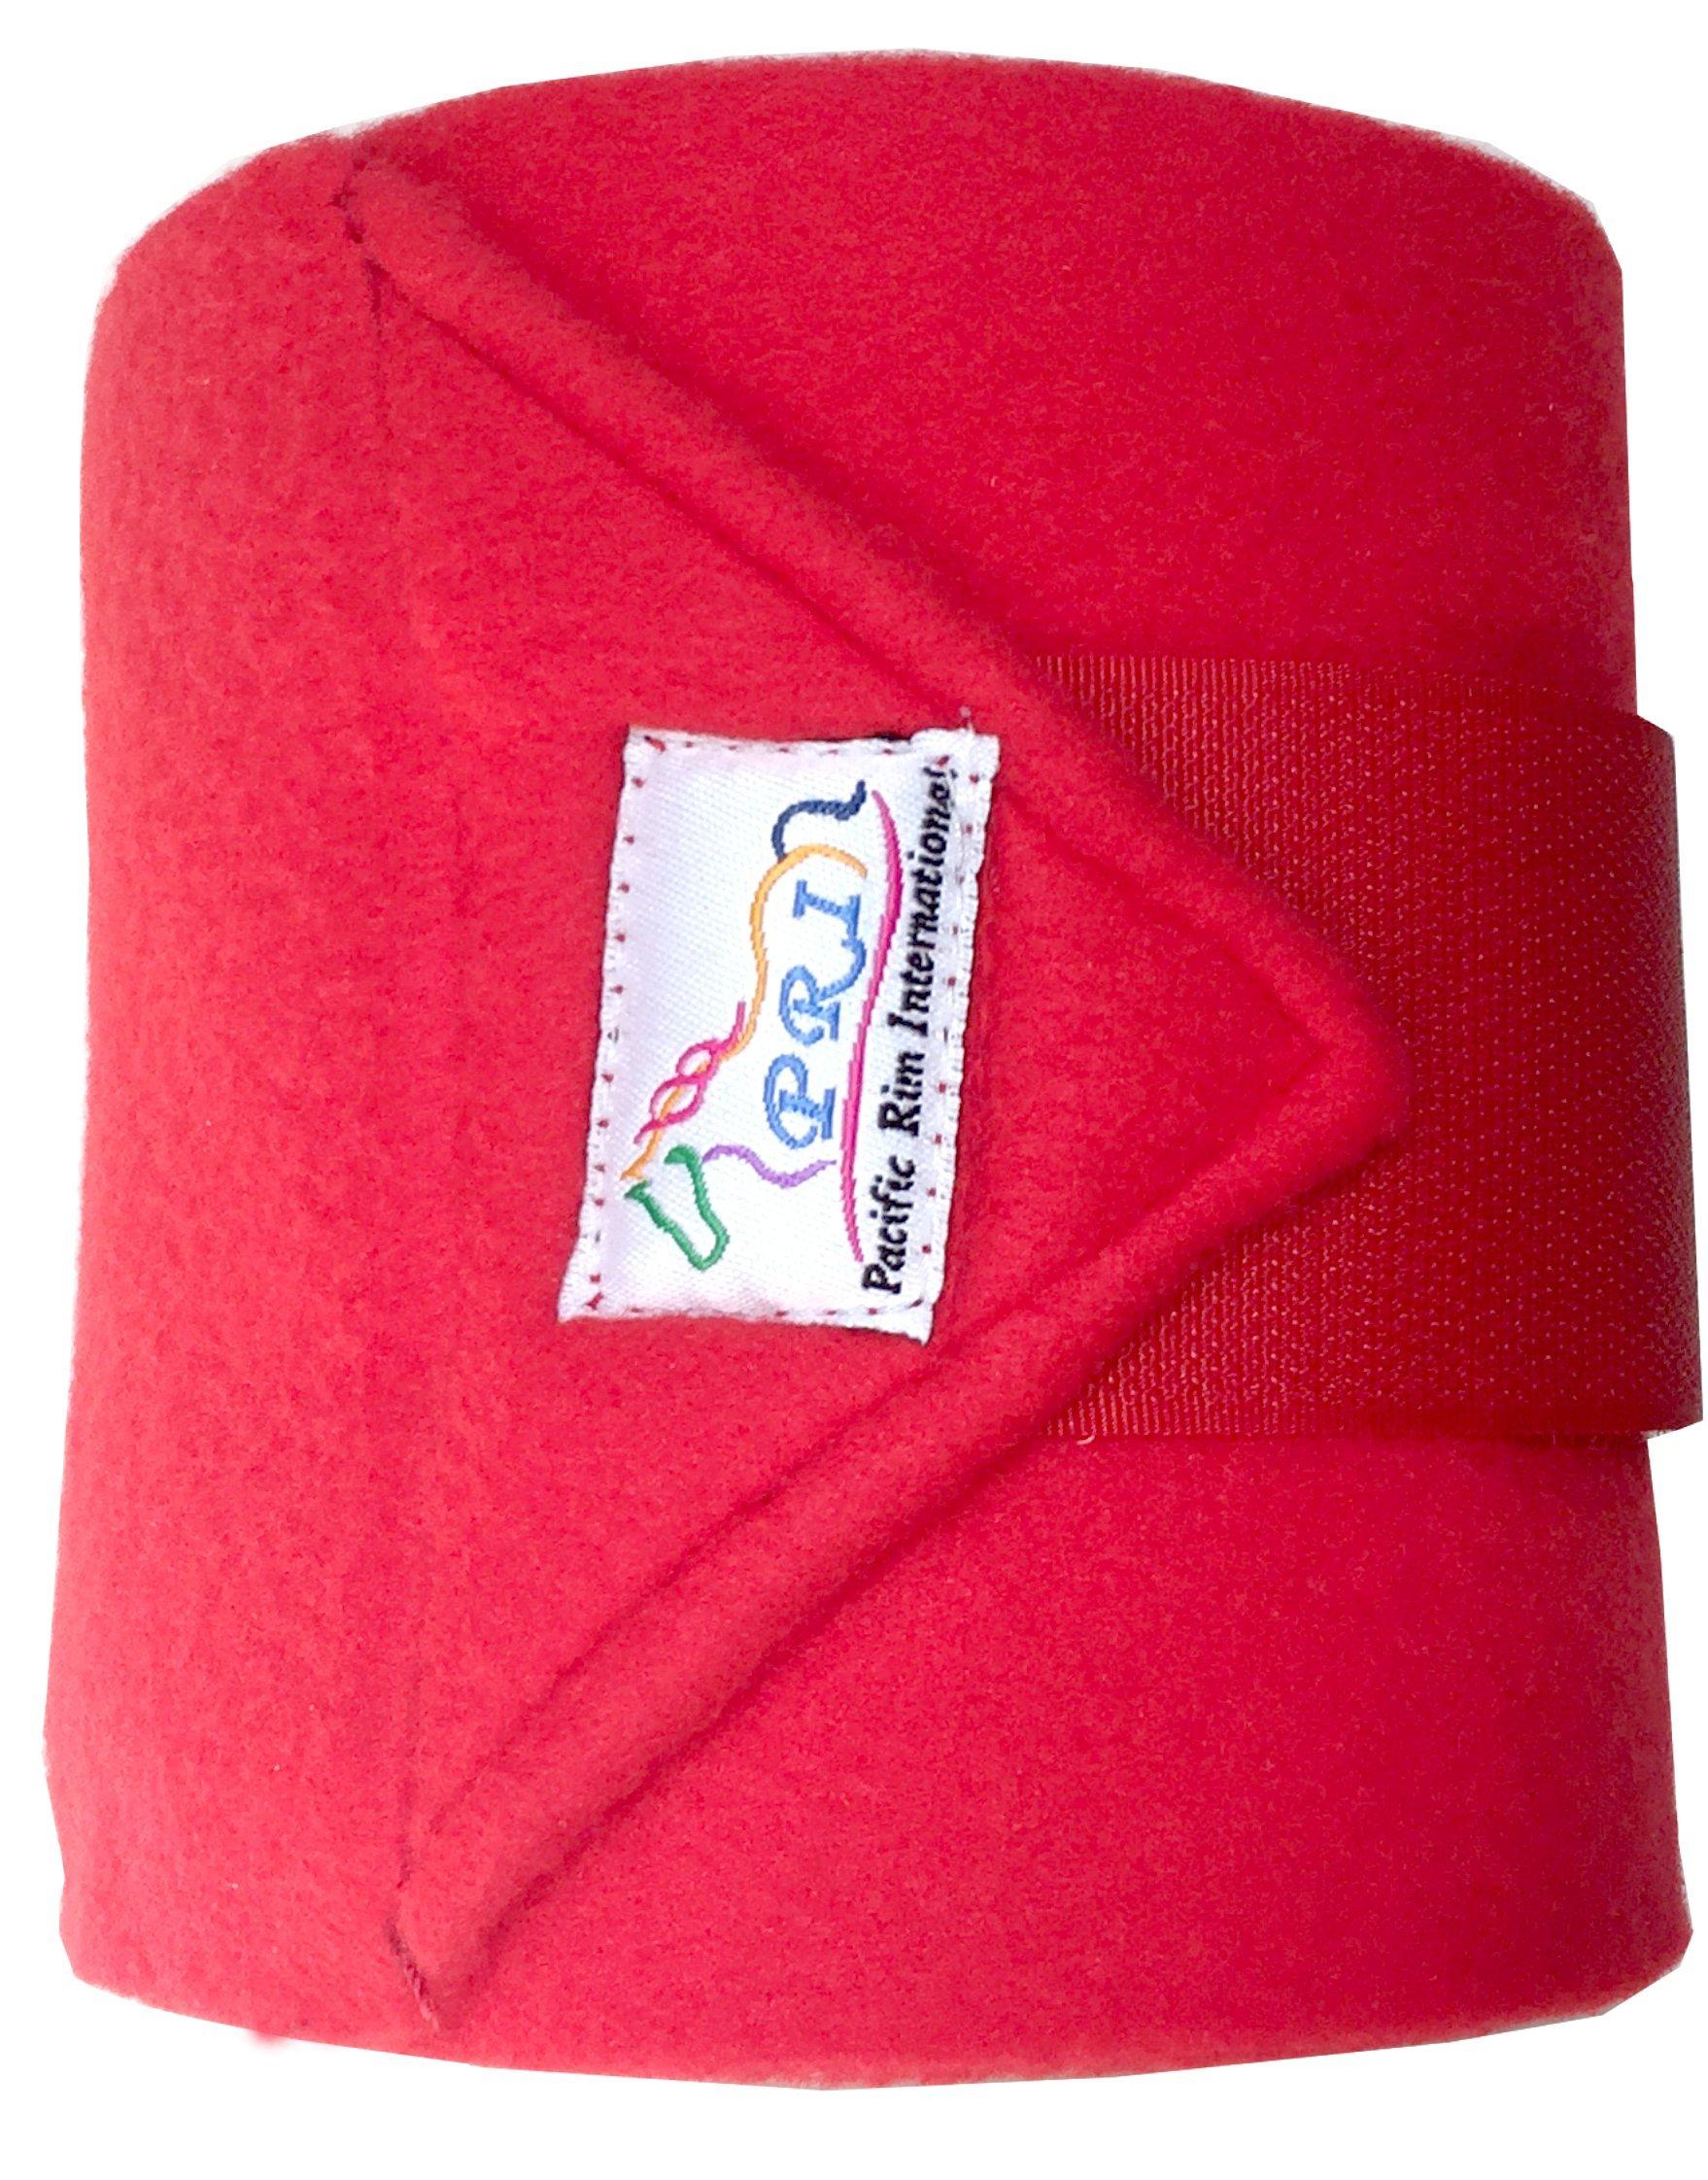 PRI Horse Leg Protection Set of Four Fleece Polo Wraps, Red, Horse Size by PRI Horse Leg Protection (Image #2)